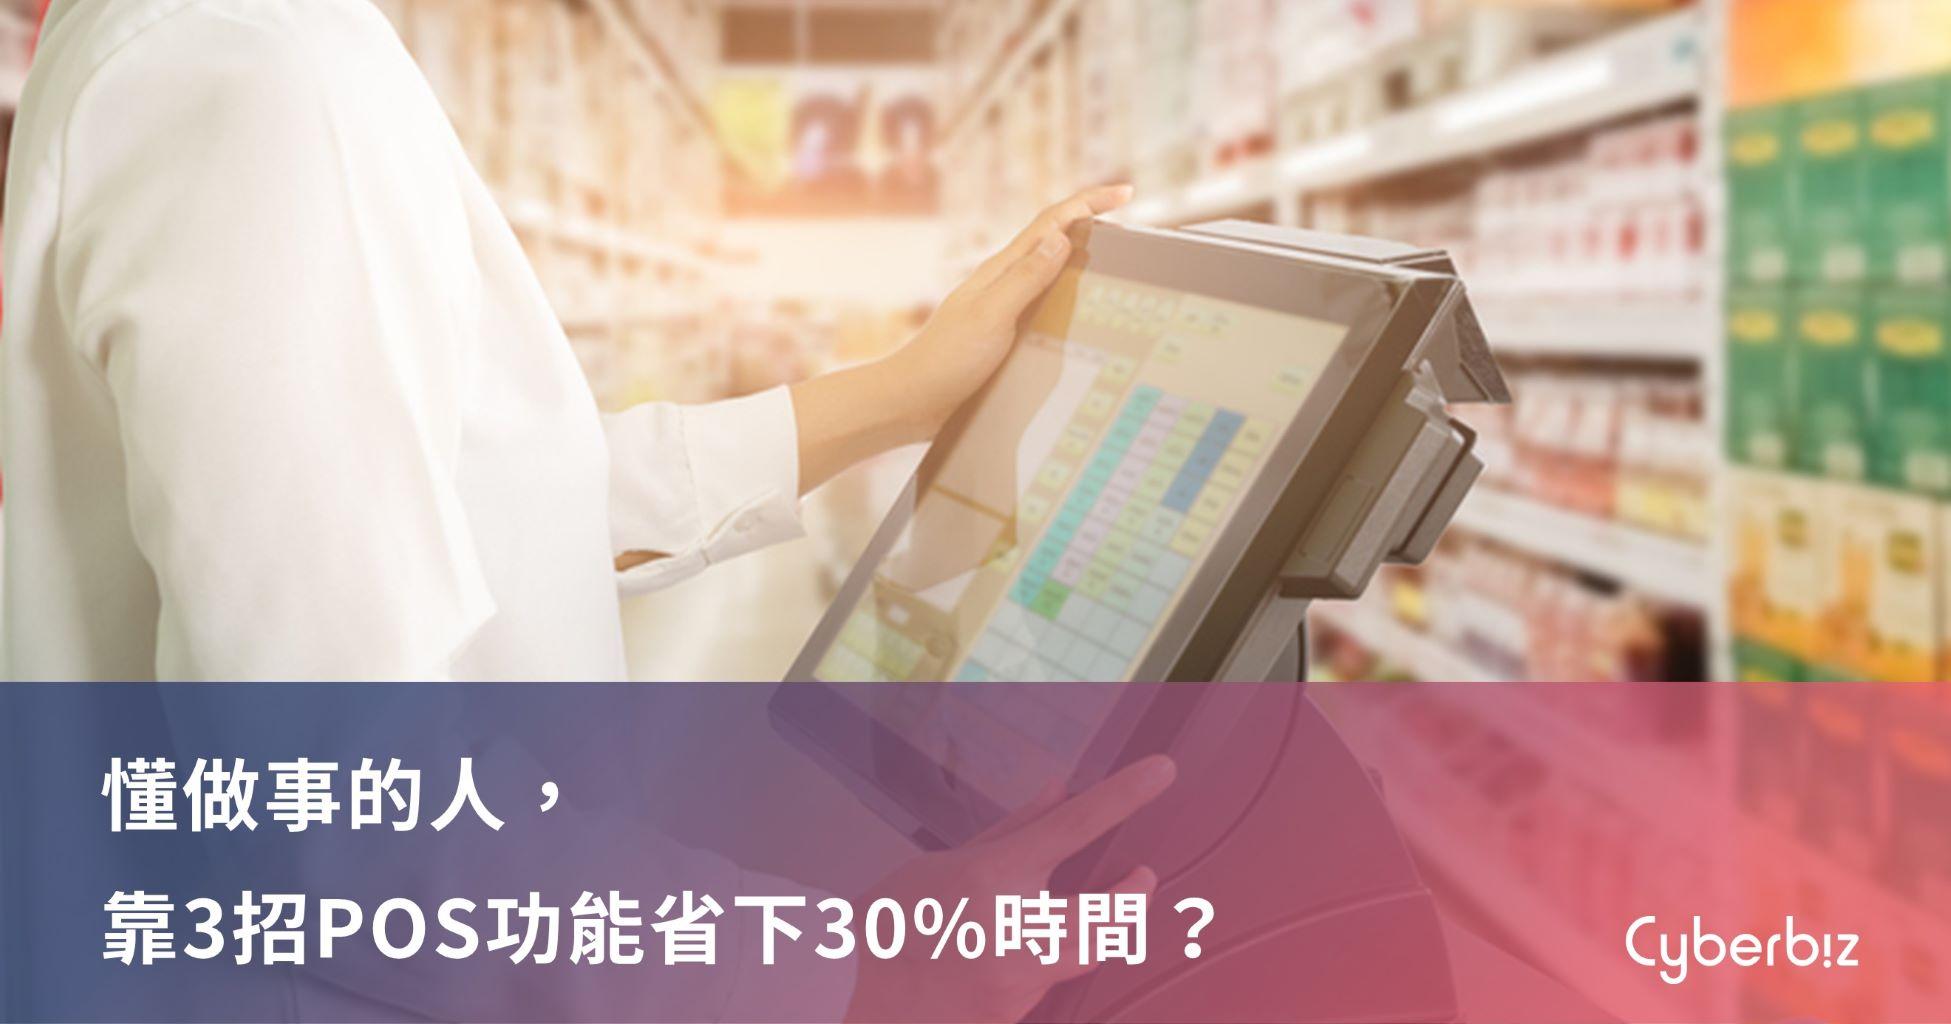 零售業如何靠POS功能轉型?3招功能省下30%人事成本!